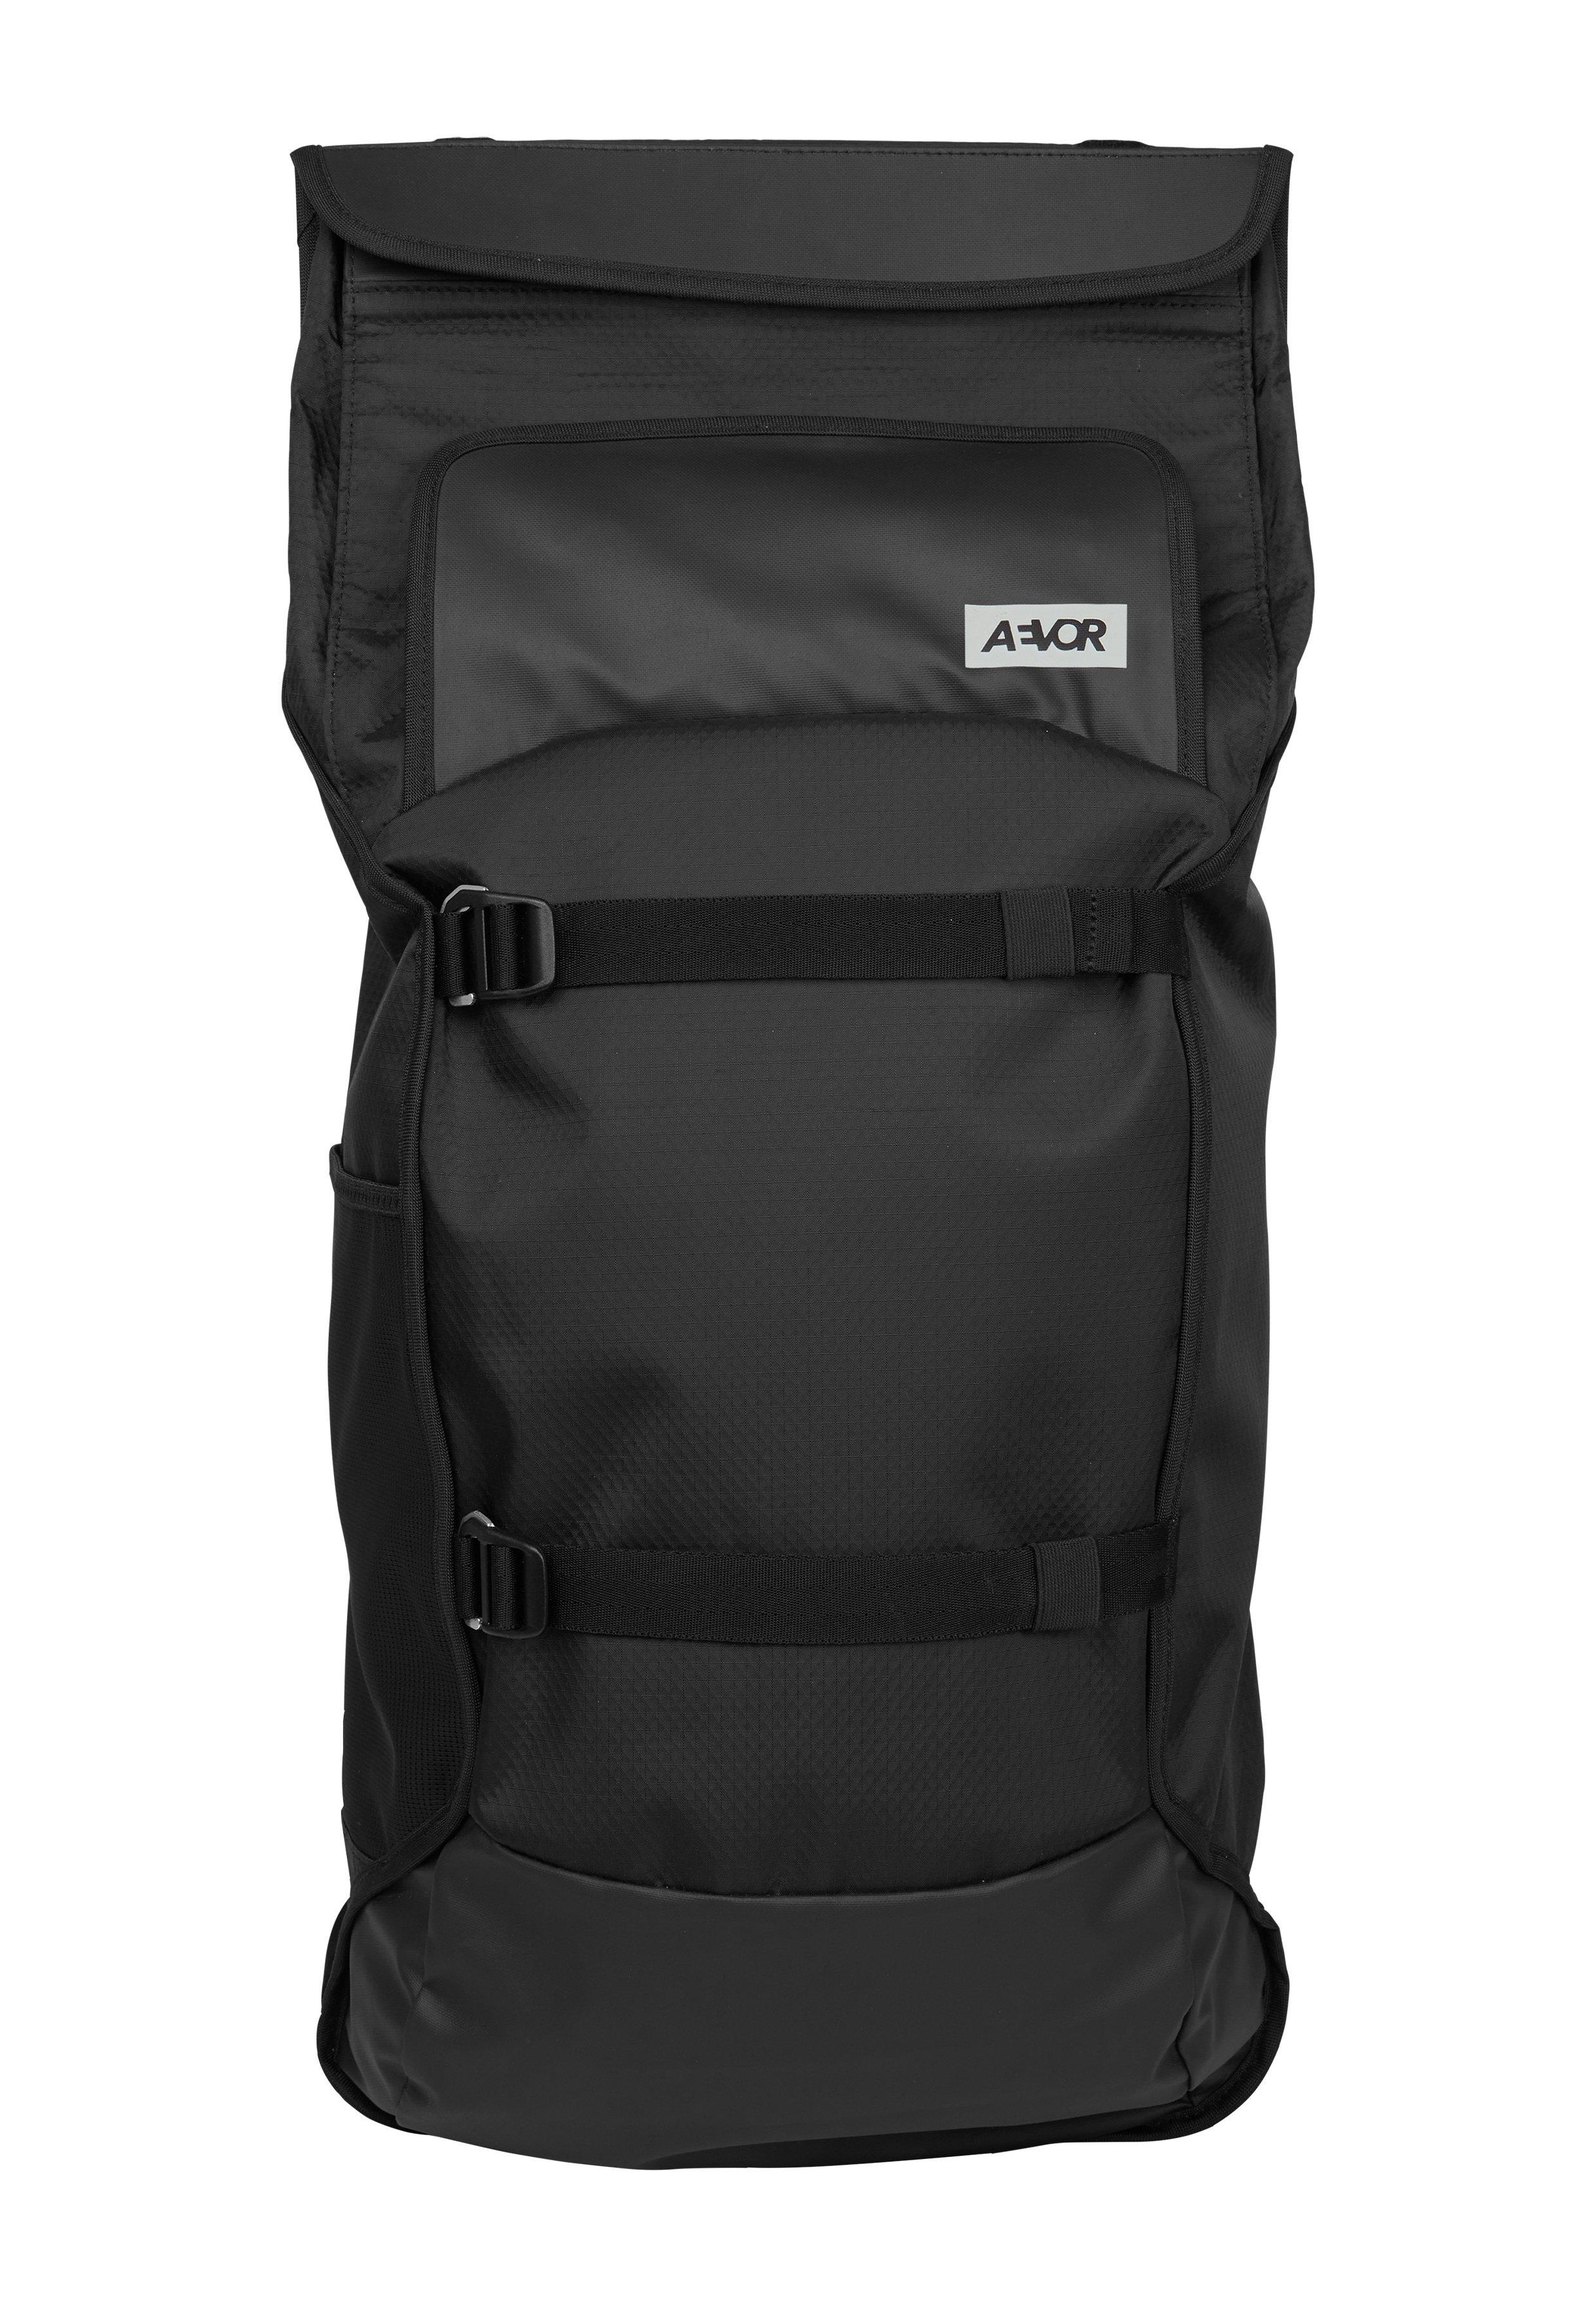 AEVOR TRIP PACK - Tagesrucksack - schwarz - Herrentaschen Zp378